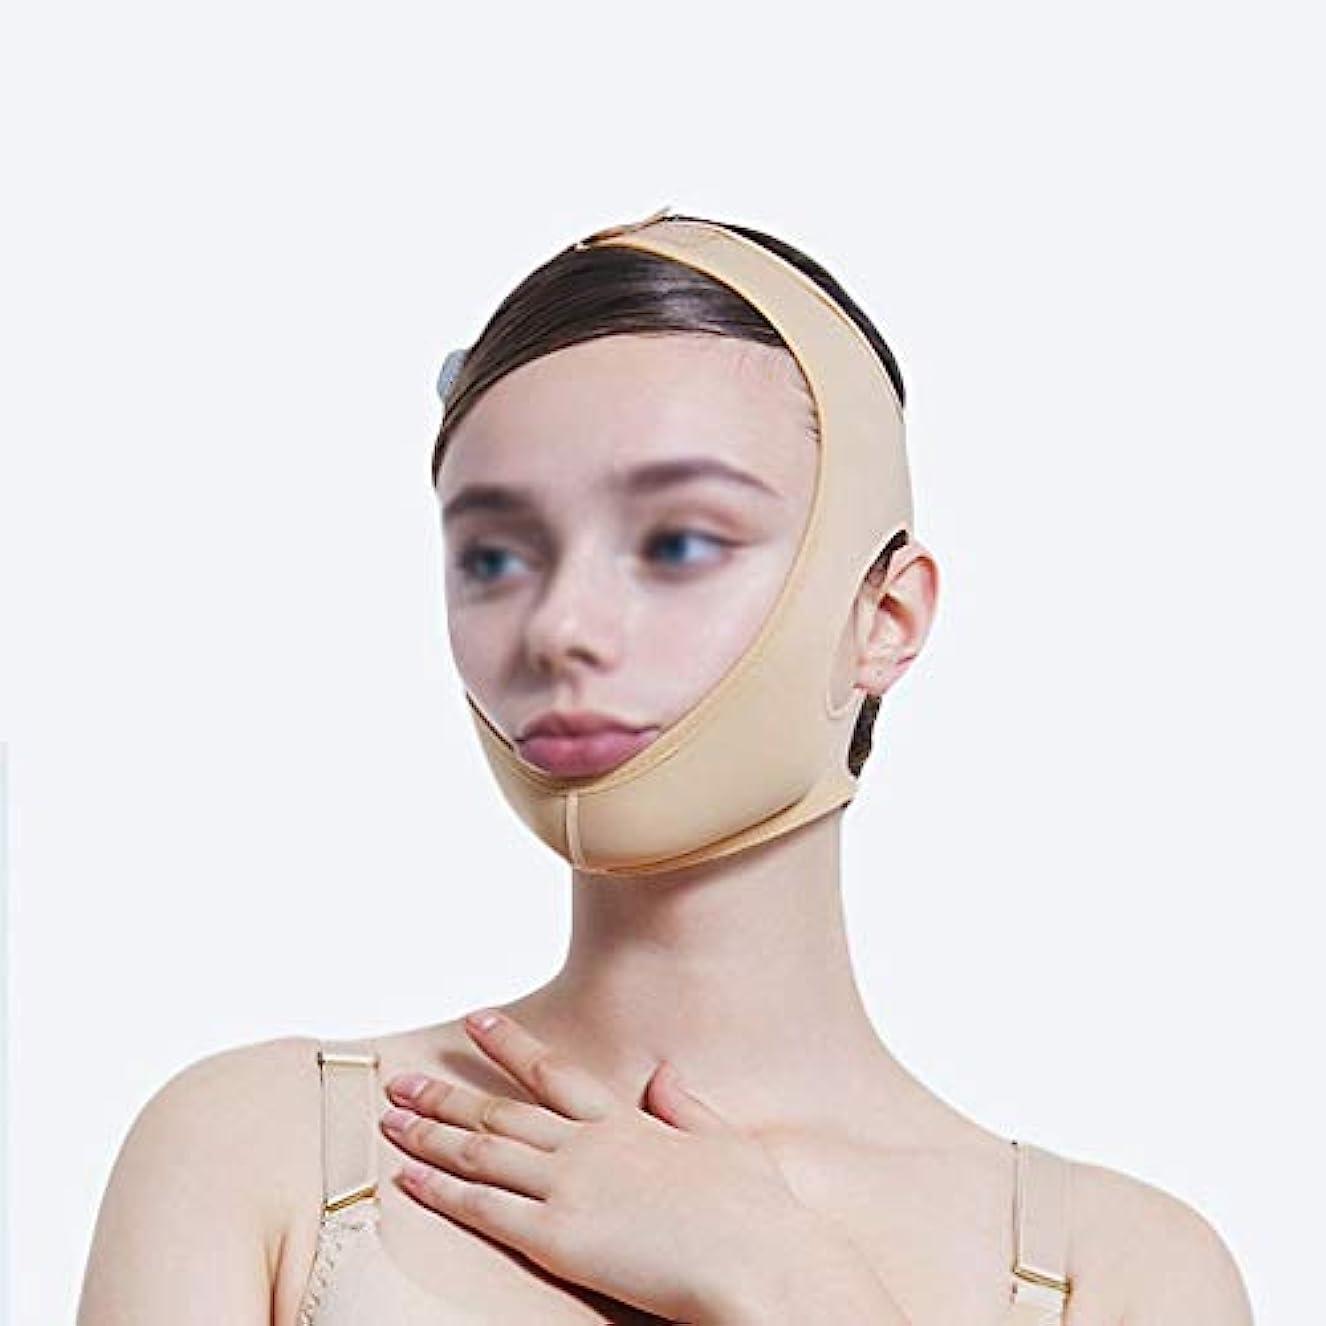 のスコア信じられない並外れたフェイシャルライン、頬、しわ防止フェイシャル減量、フェイスバンド、フェイスマスク、フェイスリフティング、通気性、ダブルチンストラップ(サイズ:XXL),ザ?